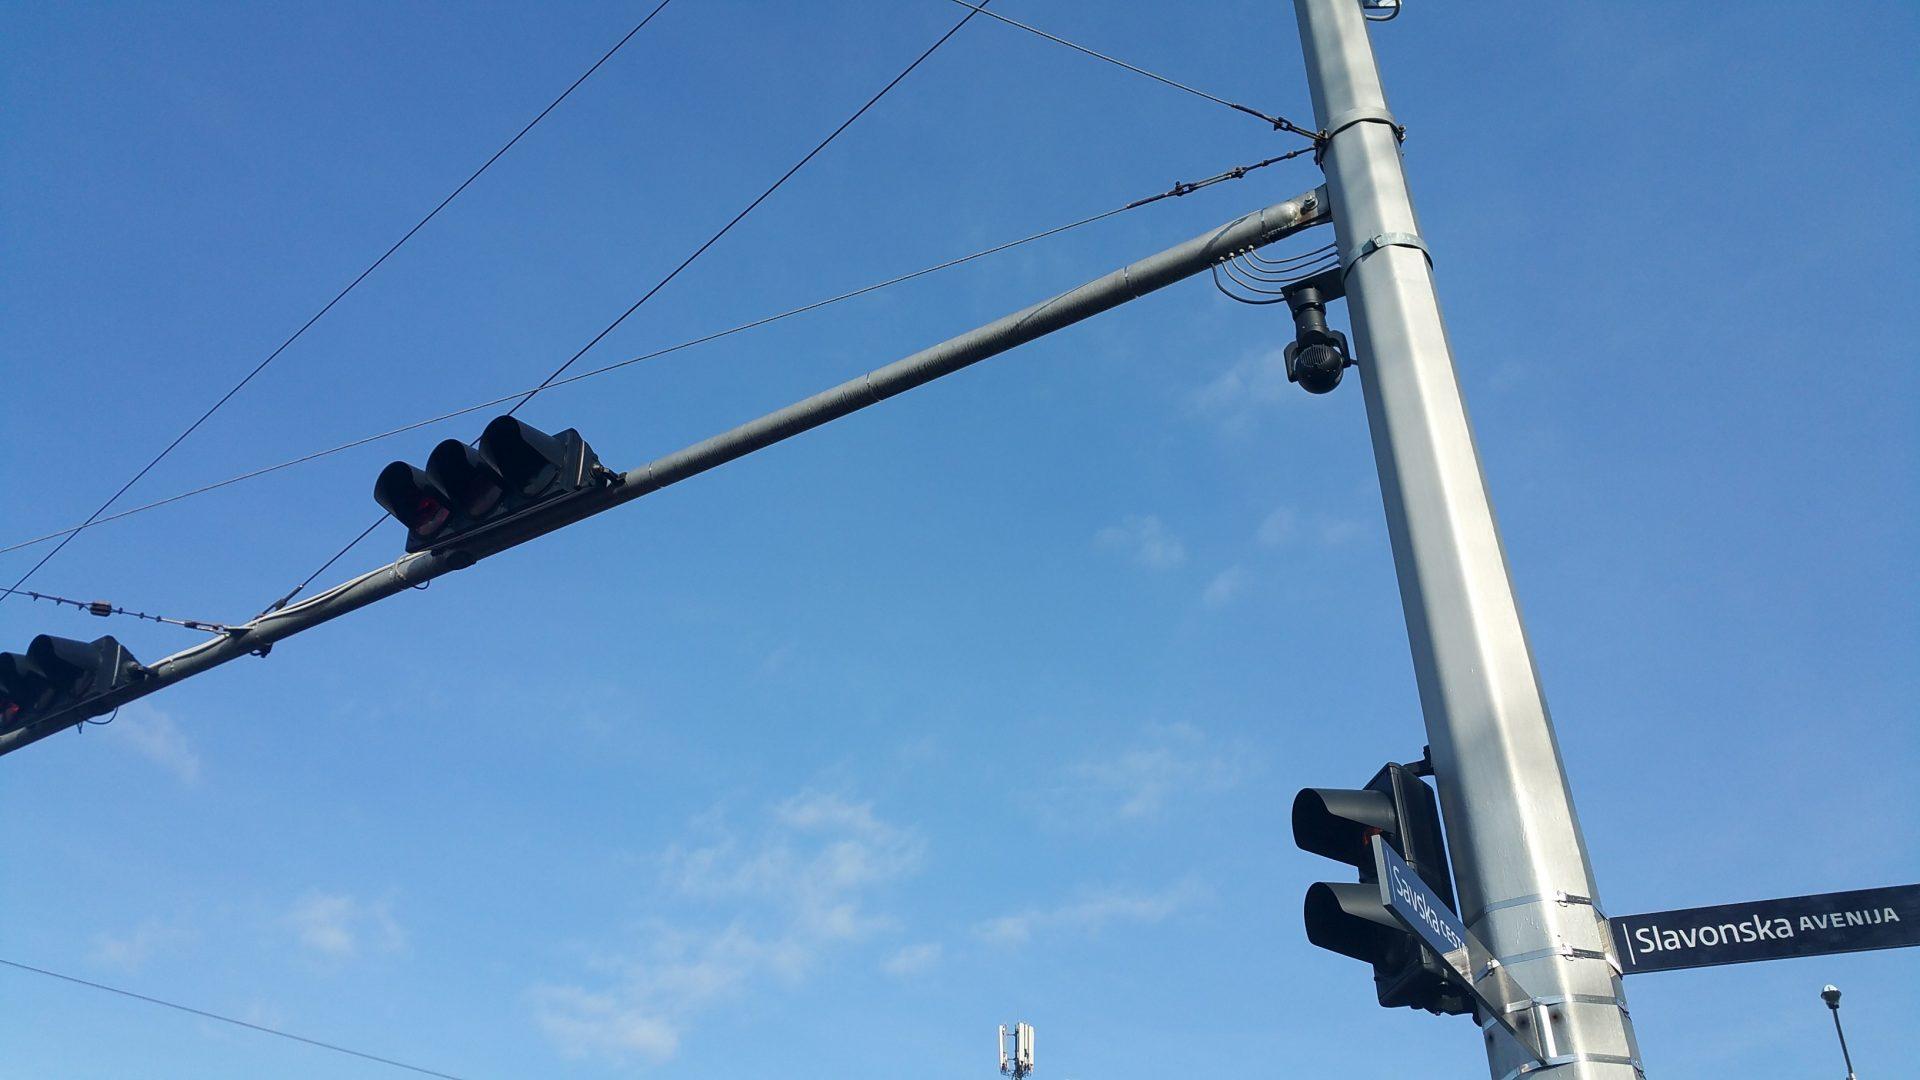 Vozači, pozor! Stižu nove kamere za nadzor brzine